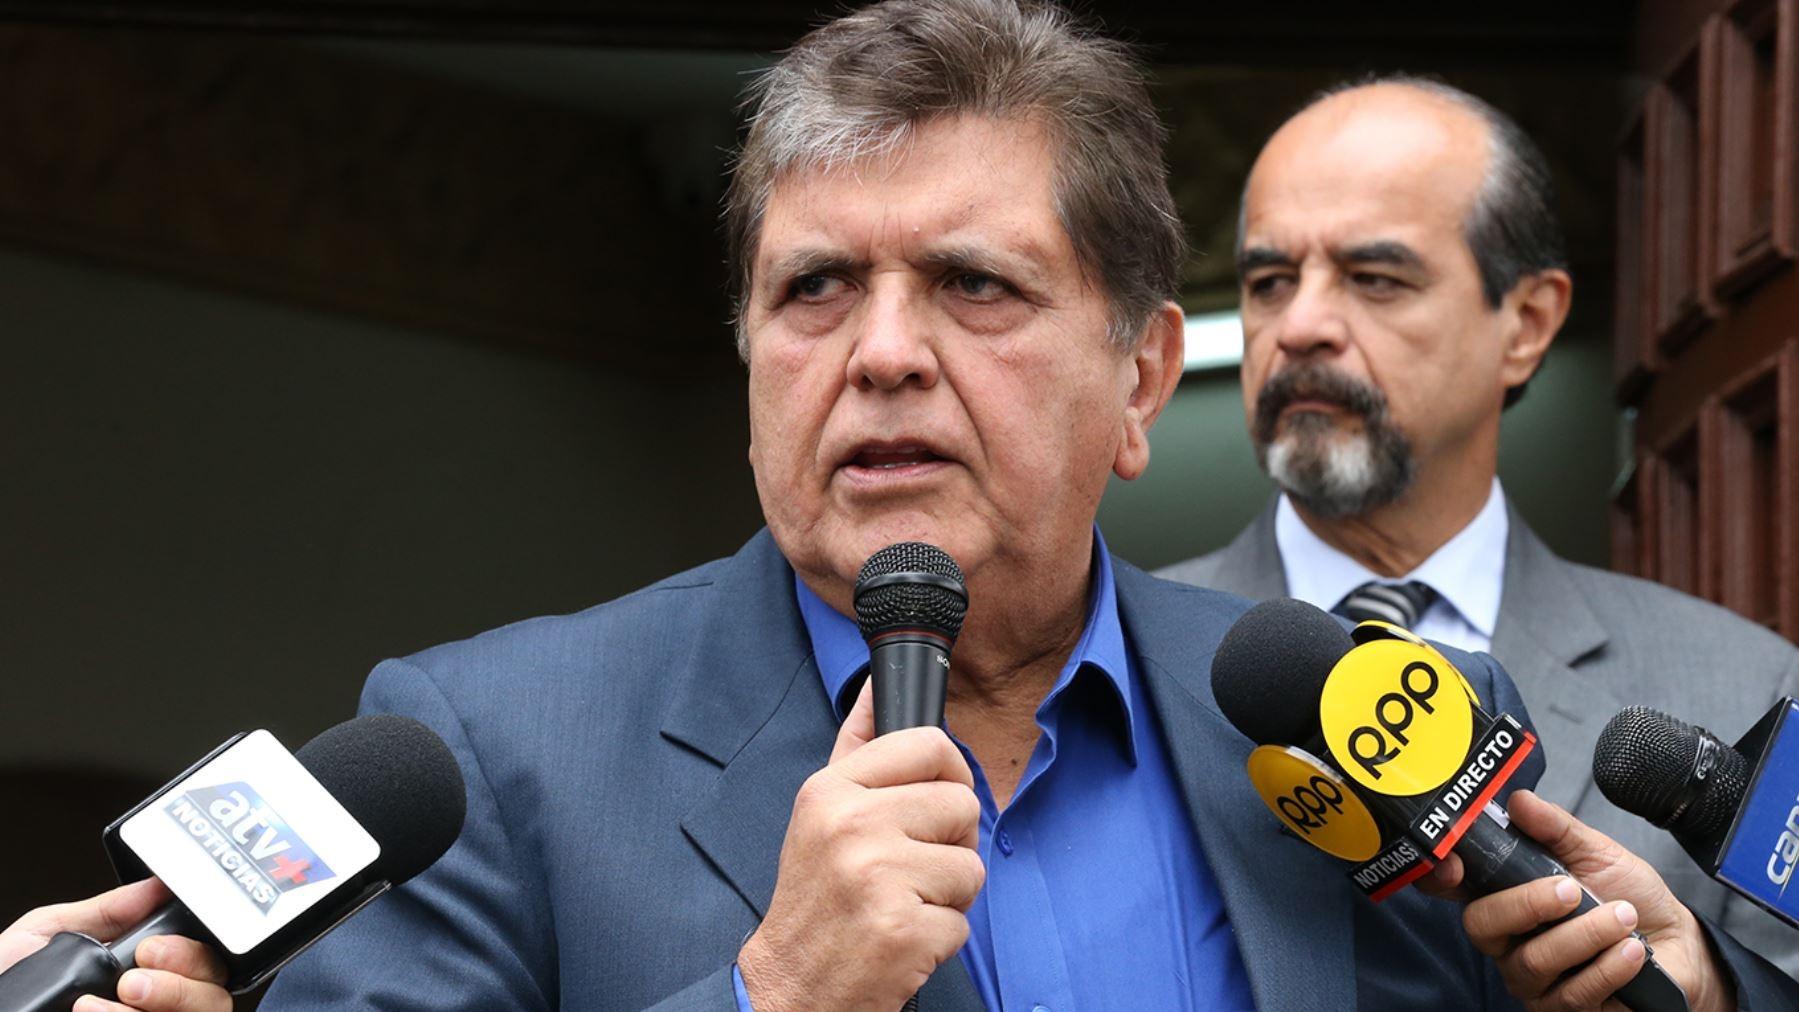 El ex presidente dijo que está dispuesto a acudir a cualquier interrogatorio.